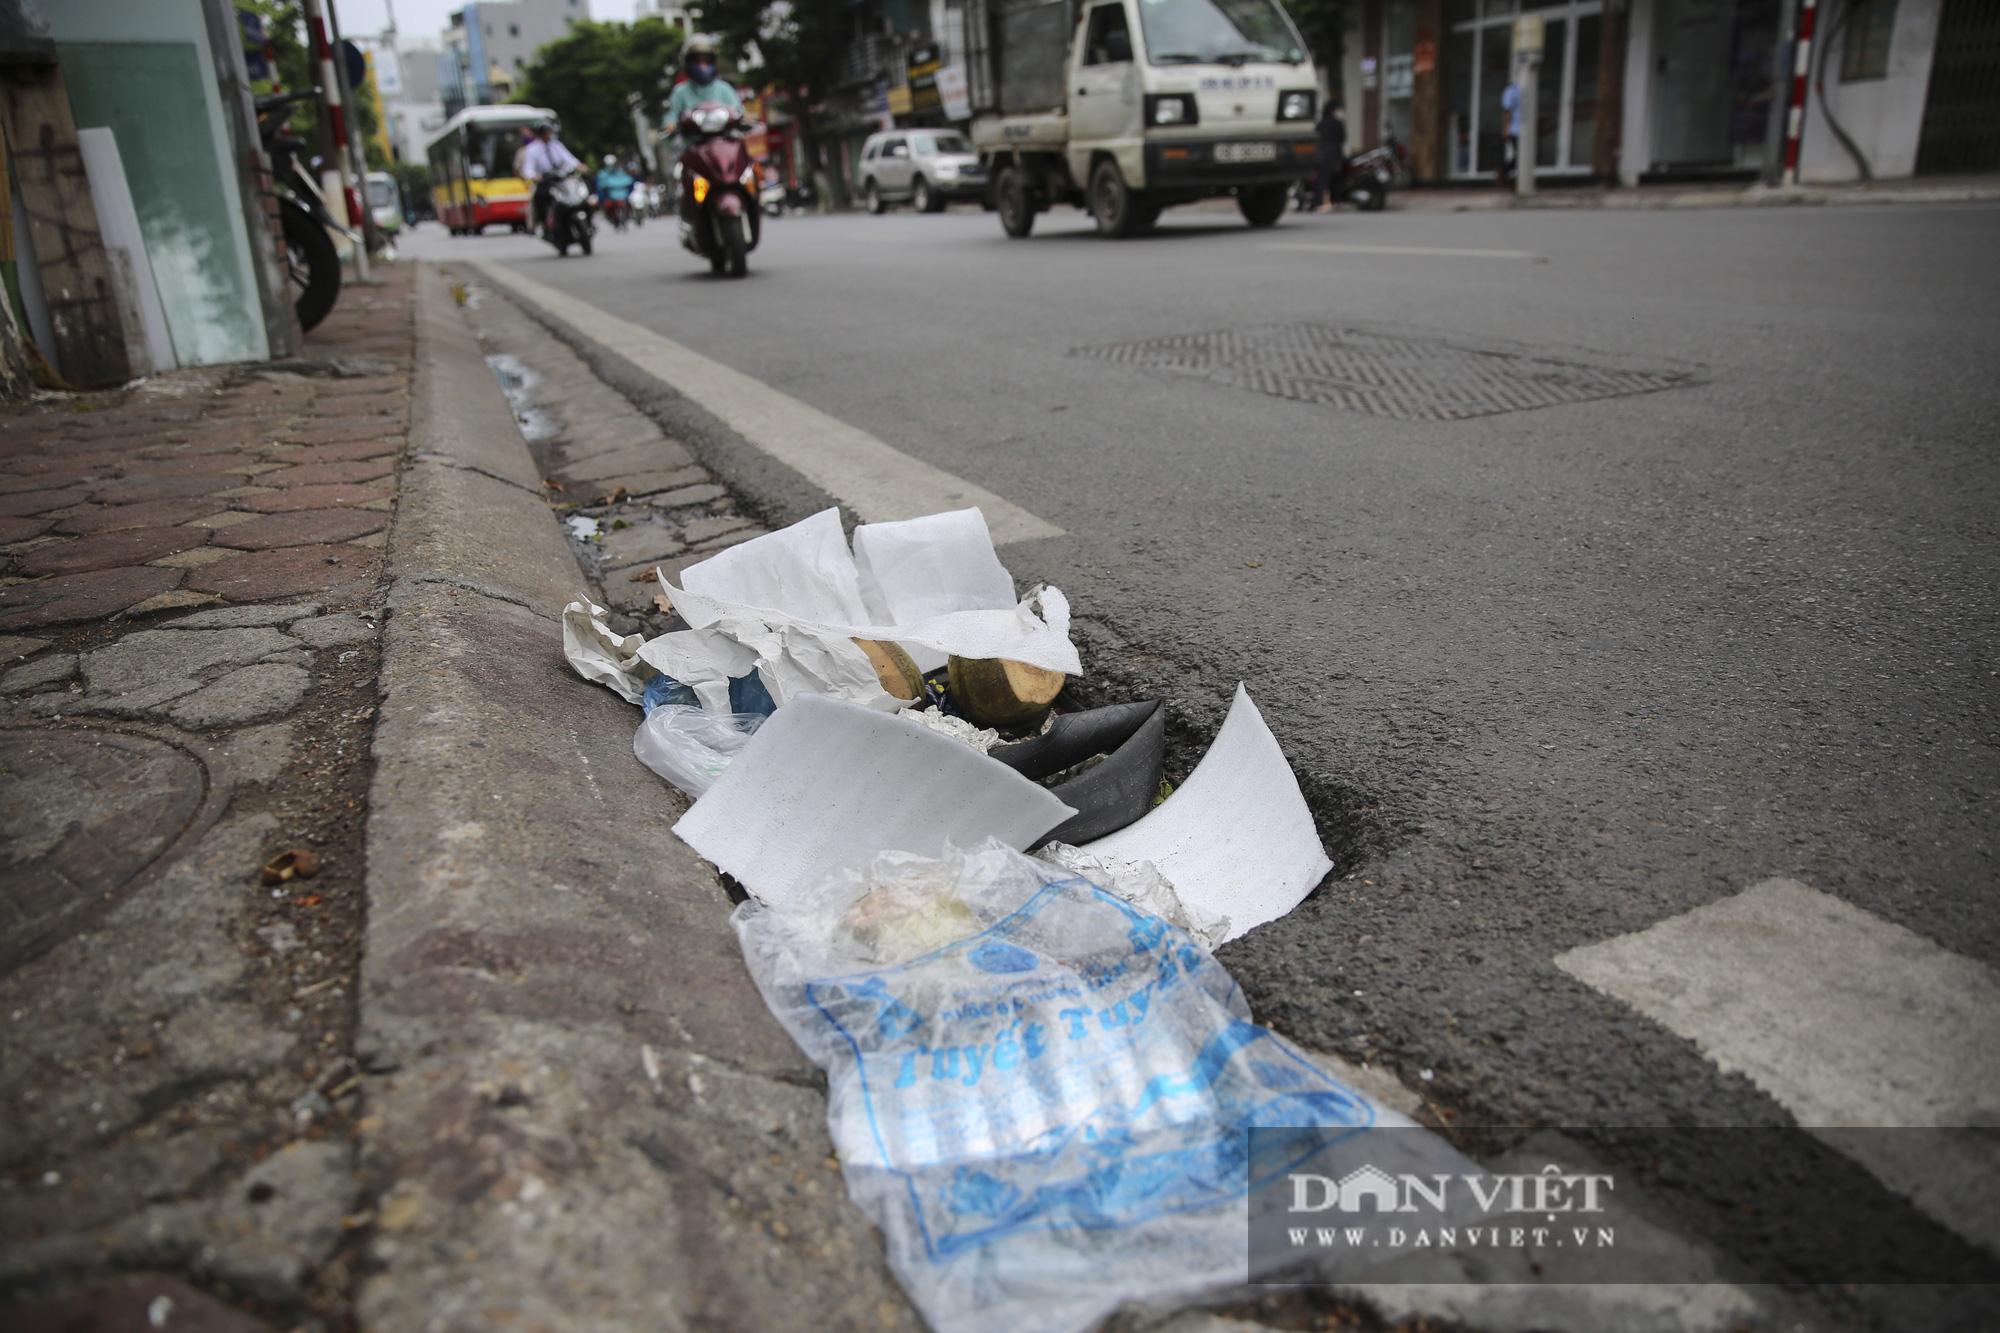 Hệ thống thoát nước bị xâm lấn, Hà Nội đứng trước nguy cơ ngập úng do mưa bão - Ảnh 8.